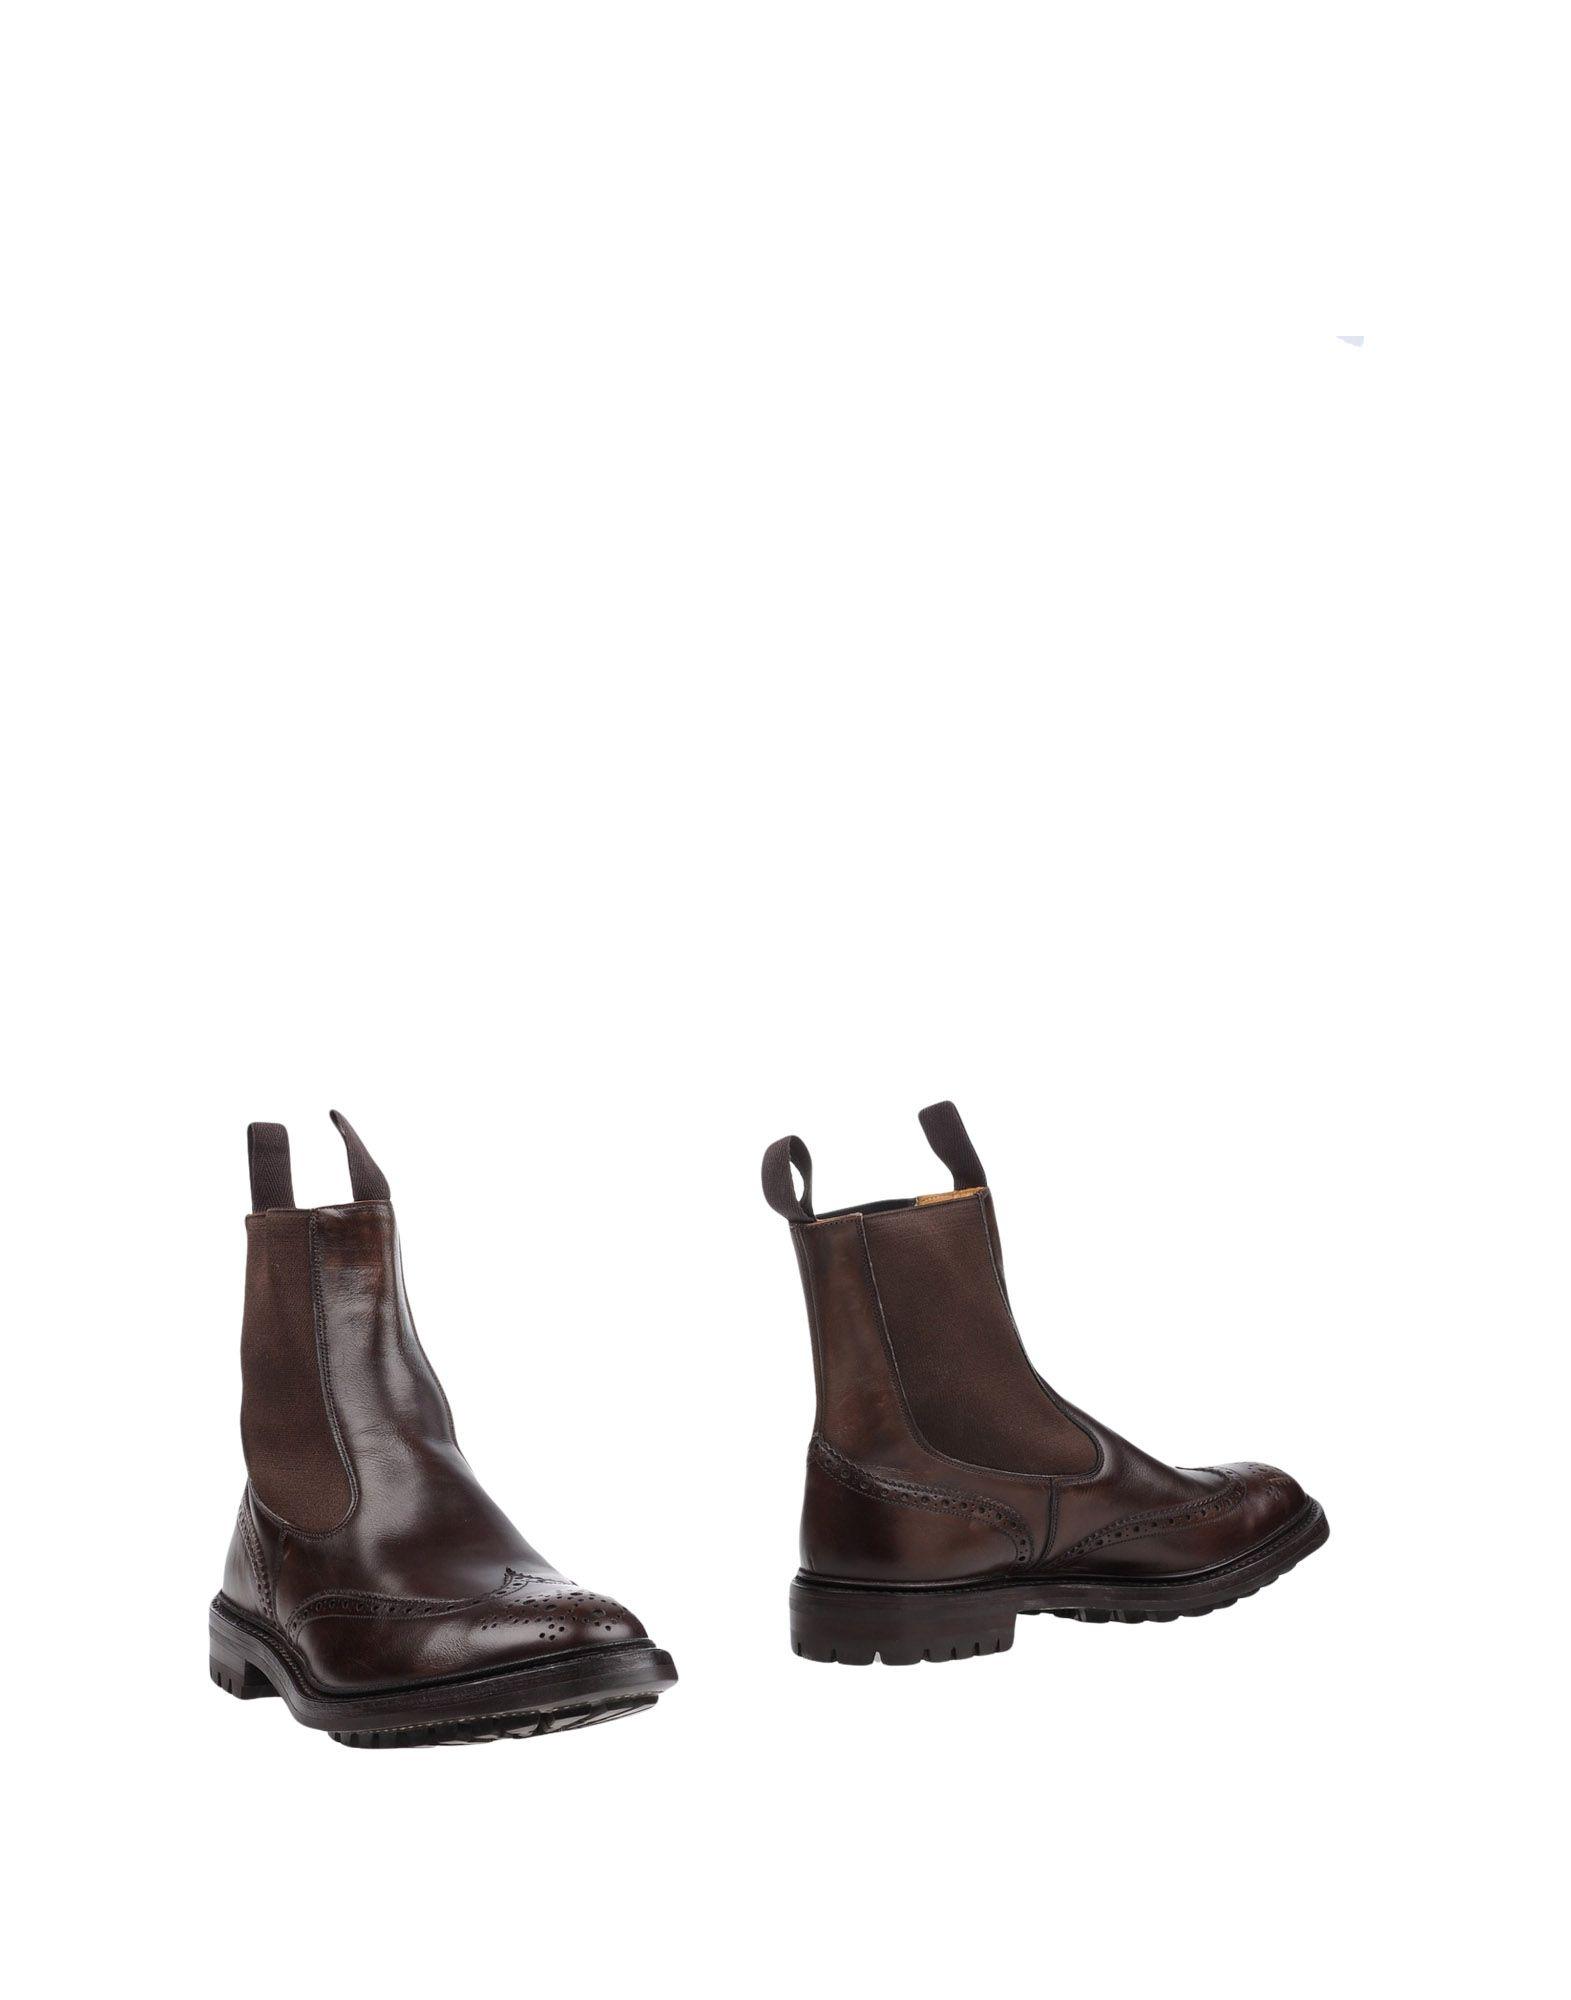 TRICKER'S Полусапоги и высокие ботинки купить футбольную форму челси торрес